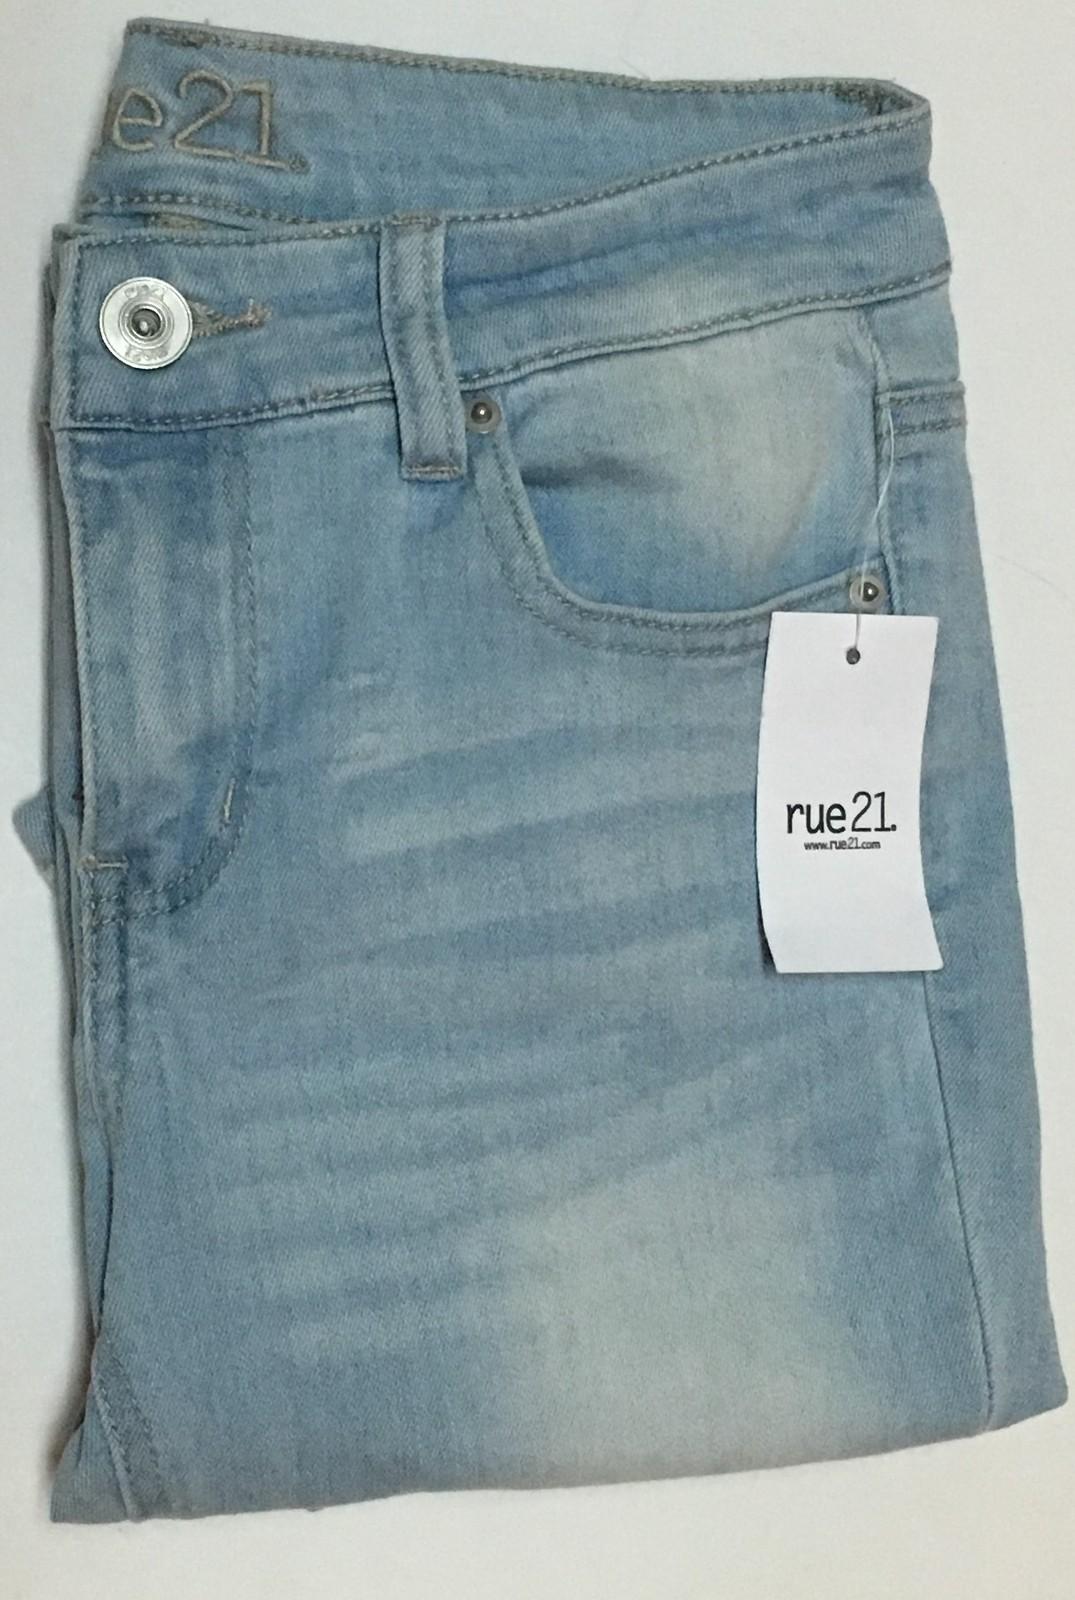 Rue 21 Mid Rise Legging Blue Jeans Juniors 4R